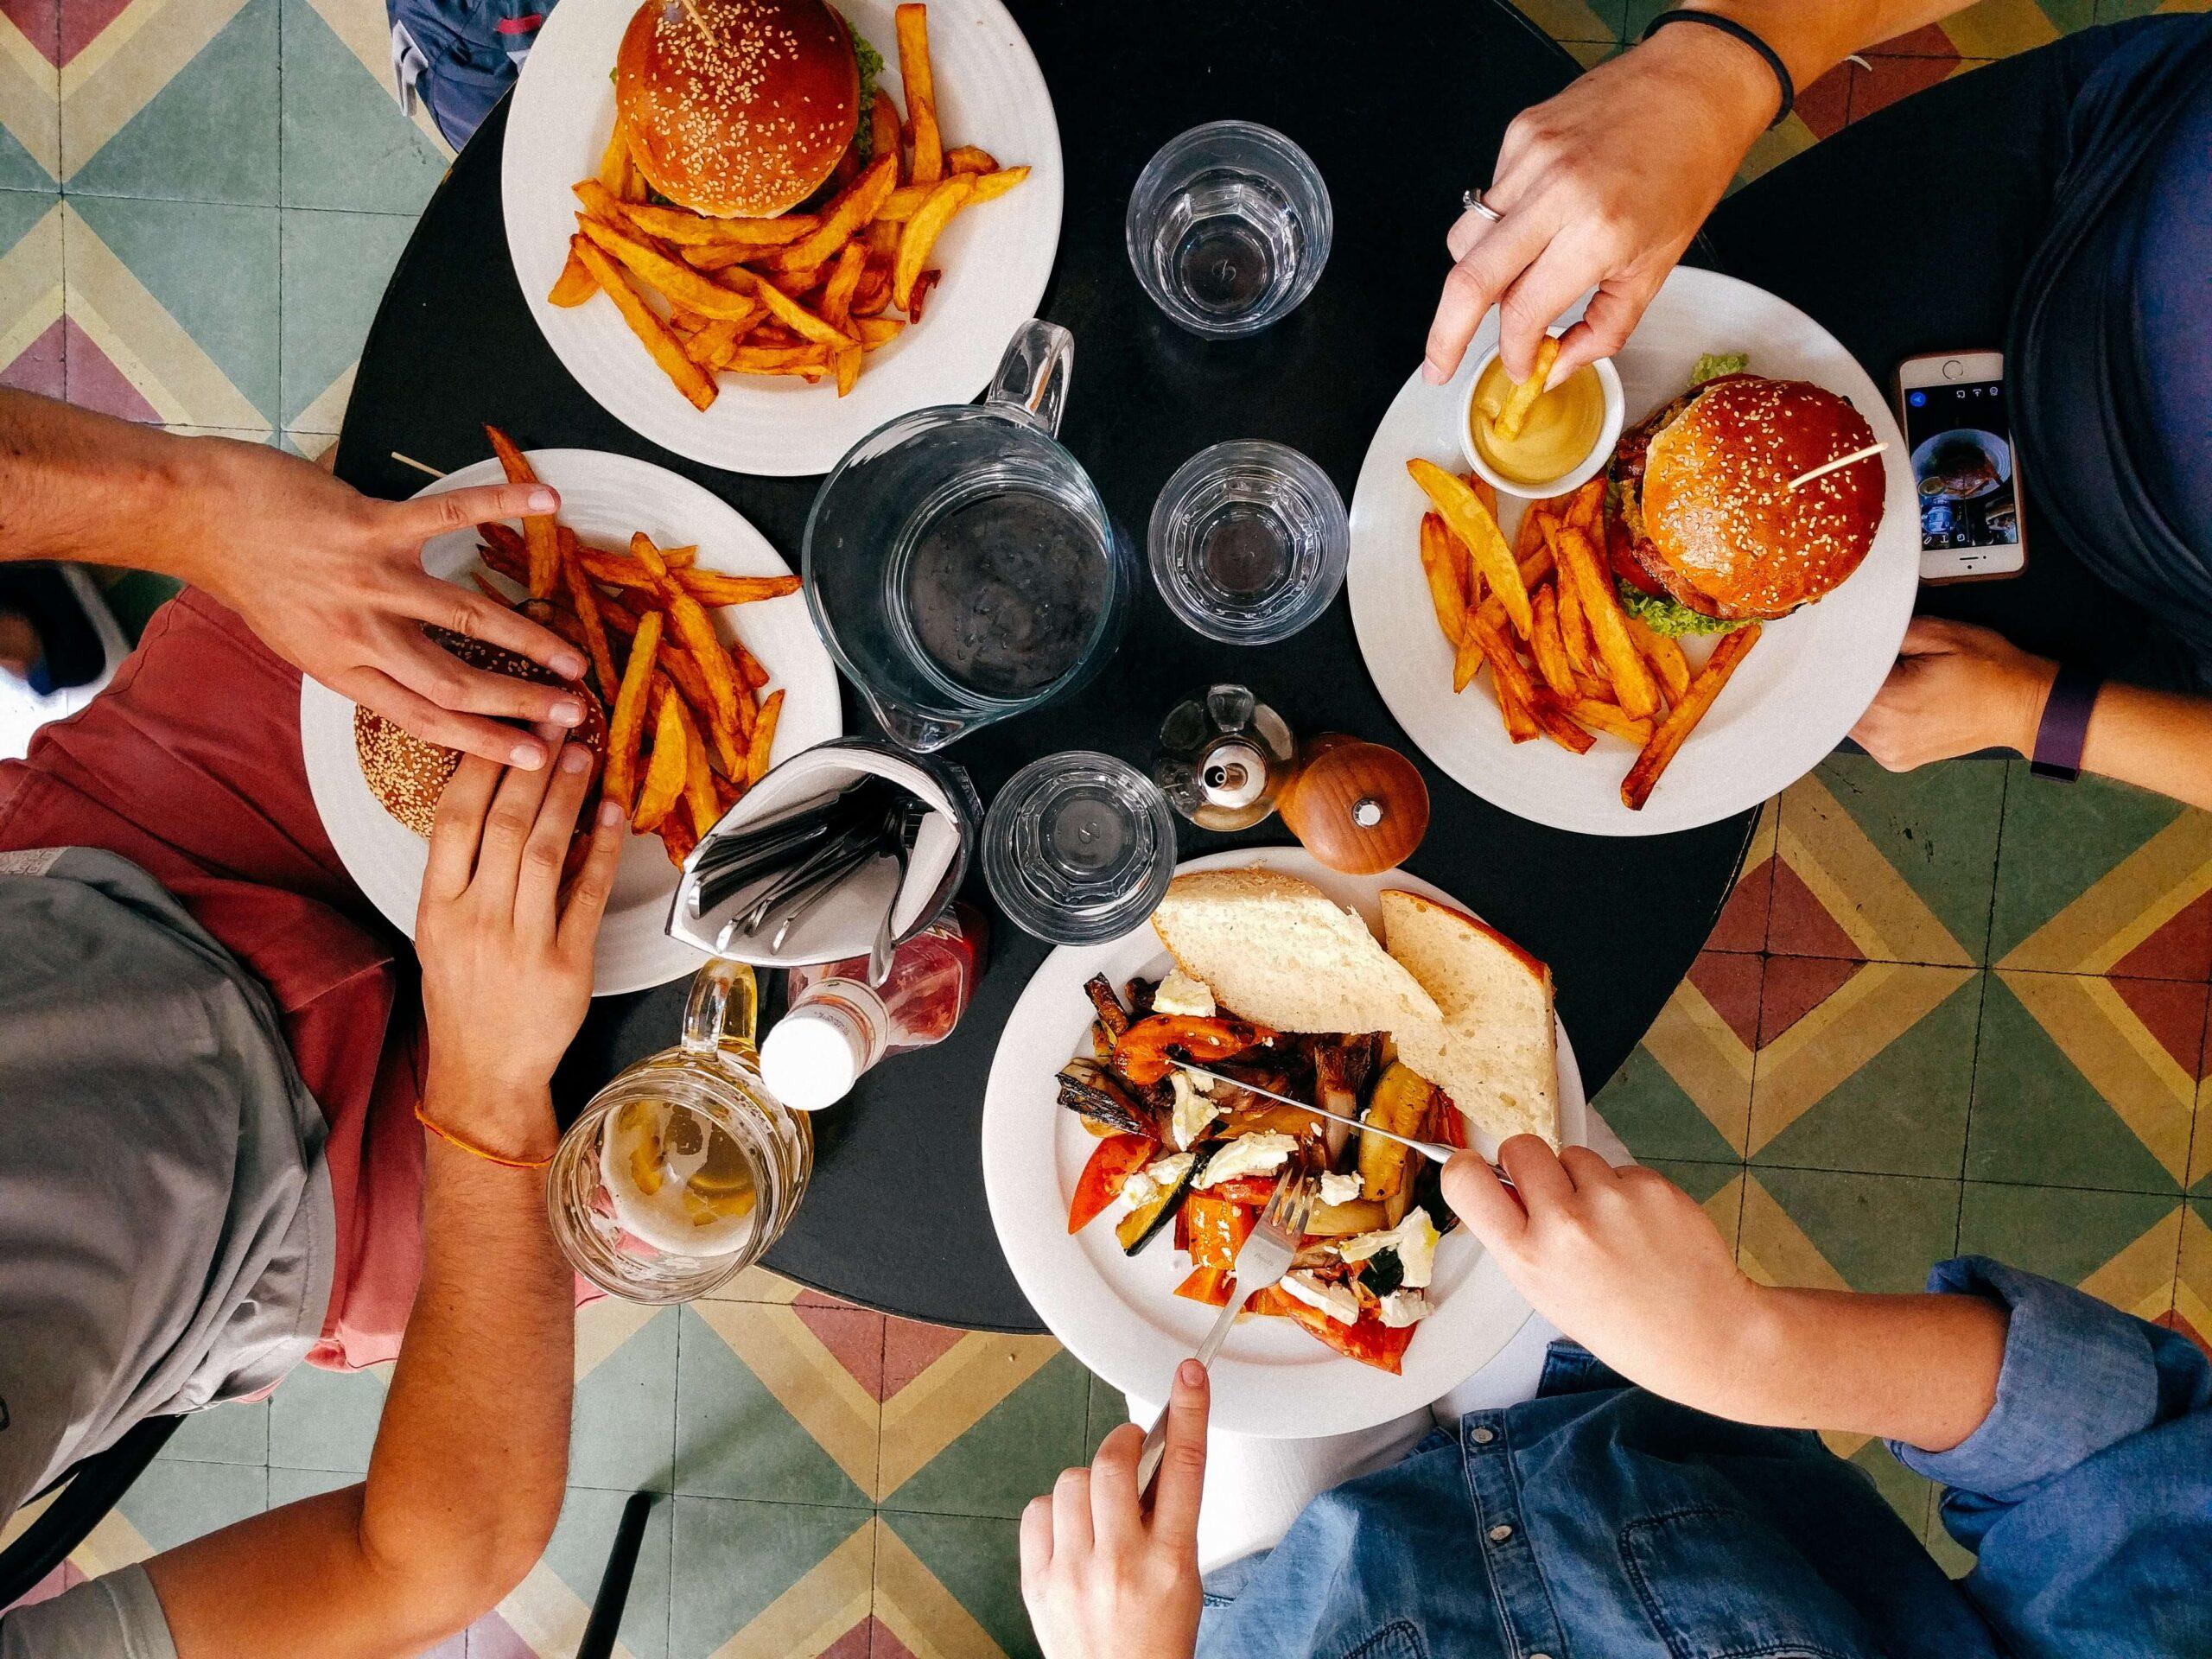 三ツ星ファームの冷凍宅配弁当|よい口コミや評判